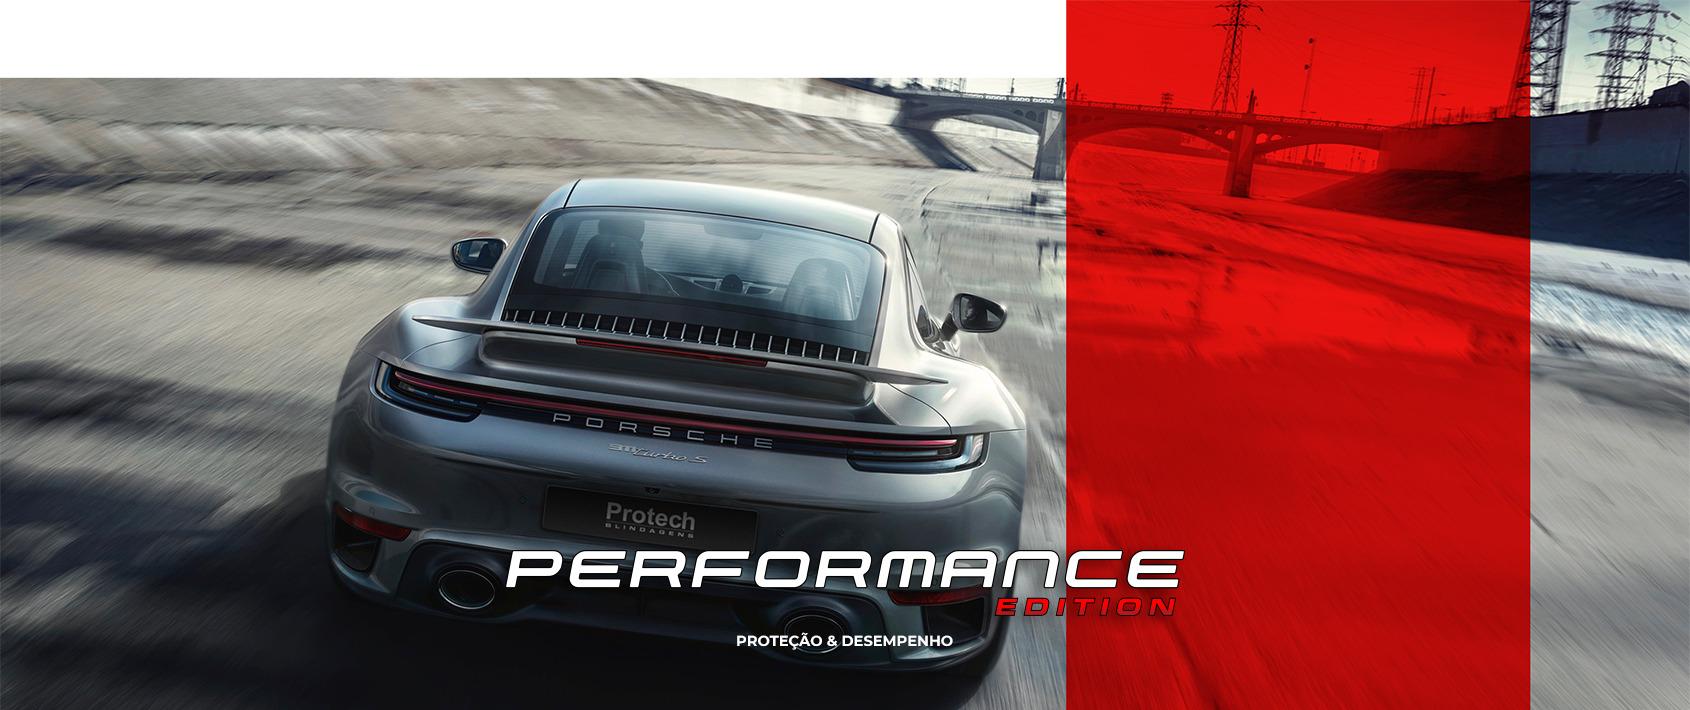 Banner Performance Af04 - Protech Blindagens